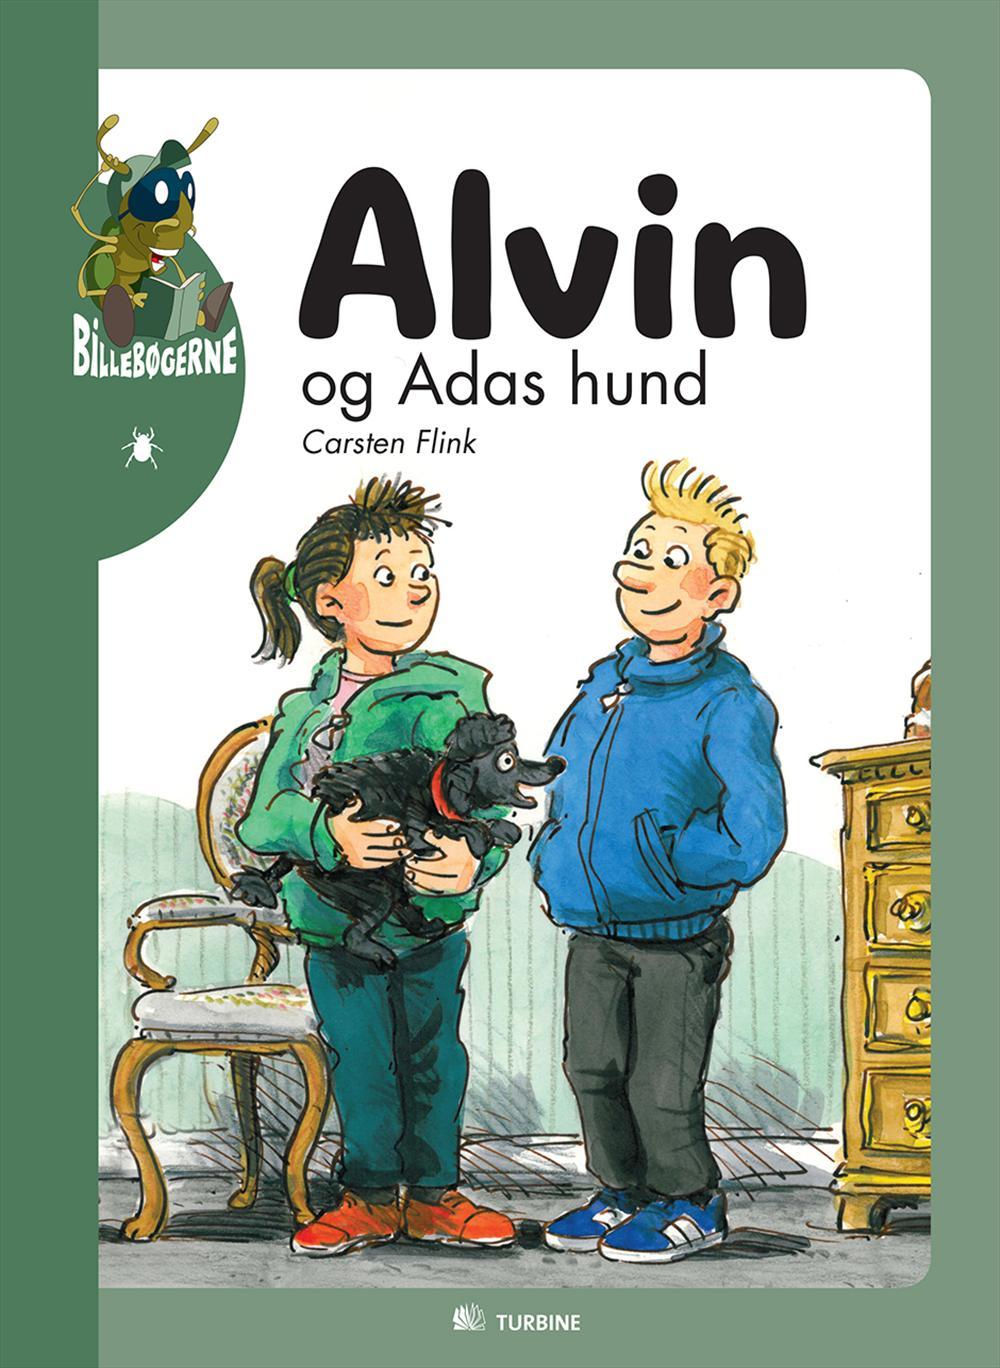 Alvin og Adas hund